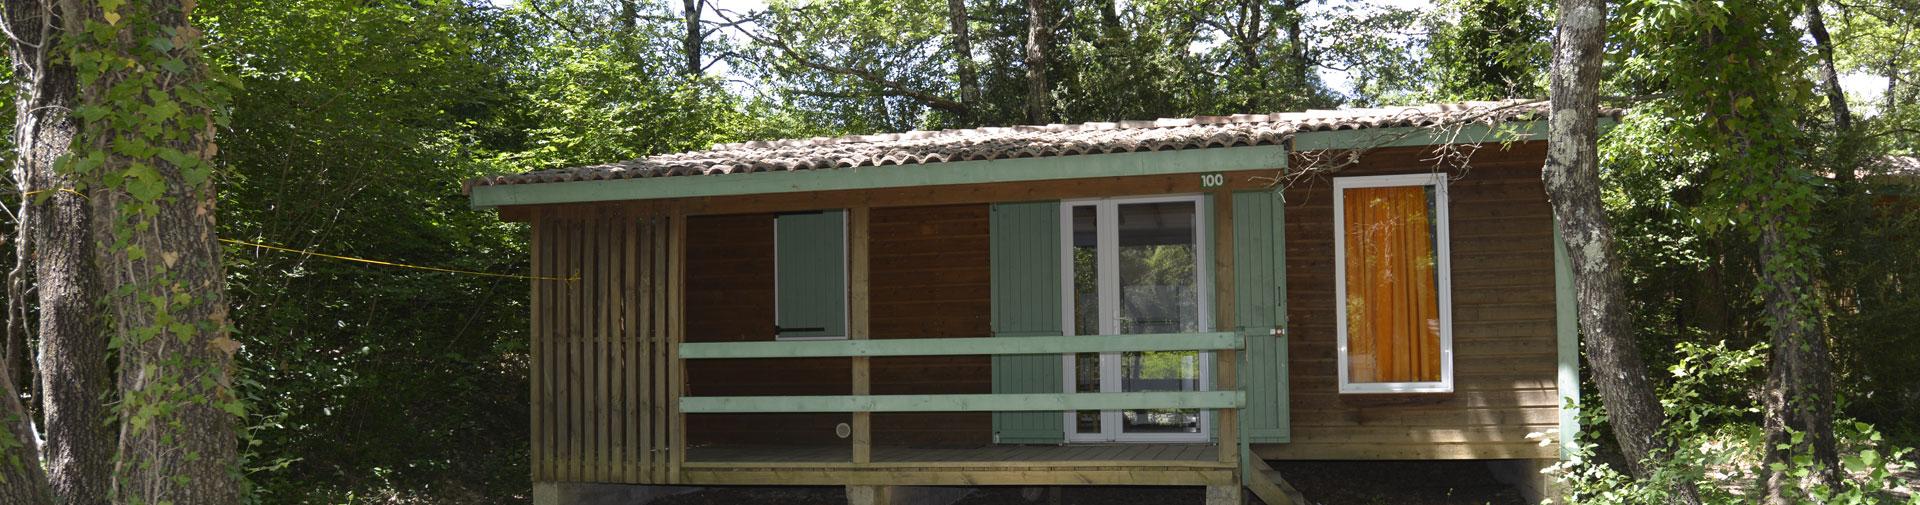 camping-gar-location-chalet-6p